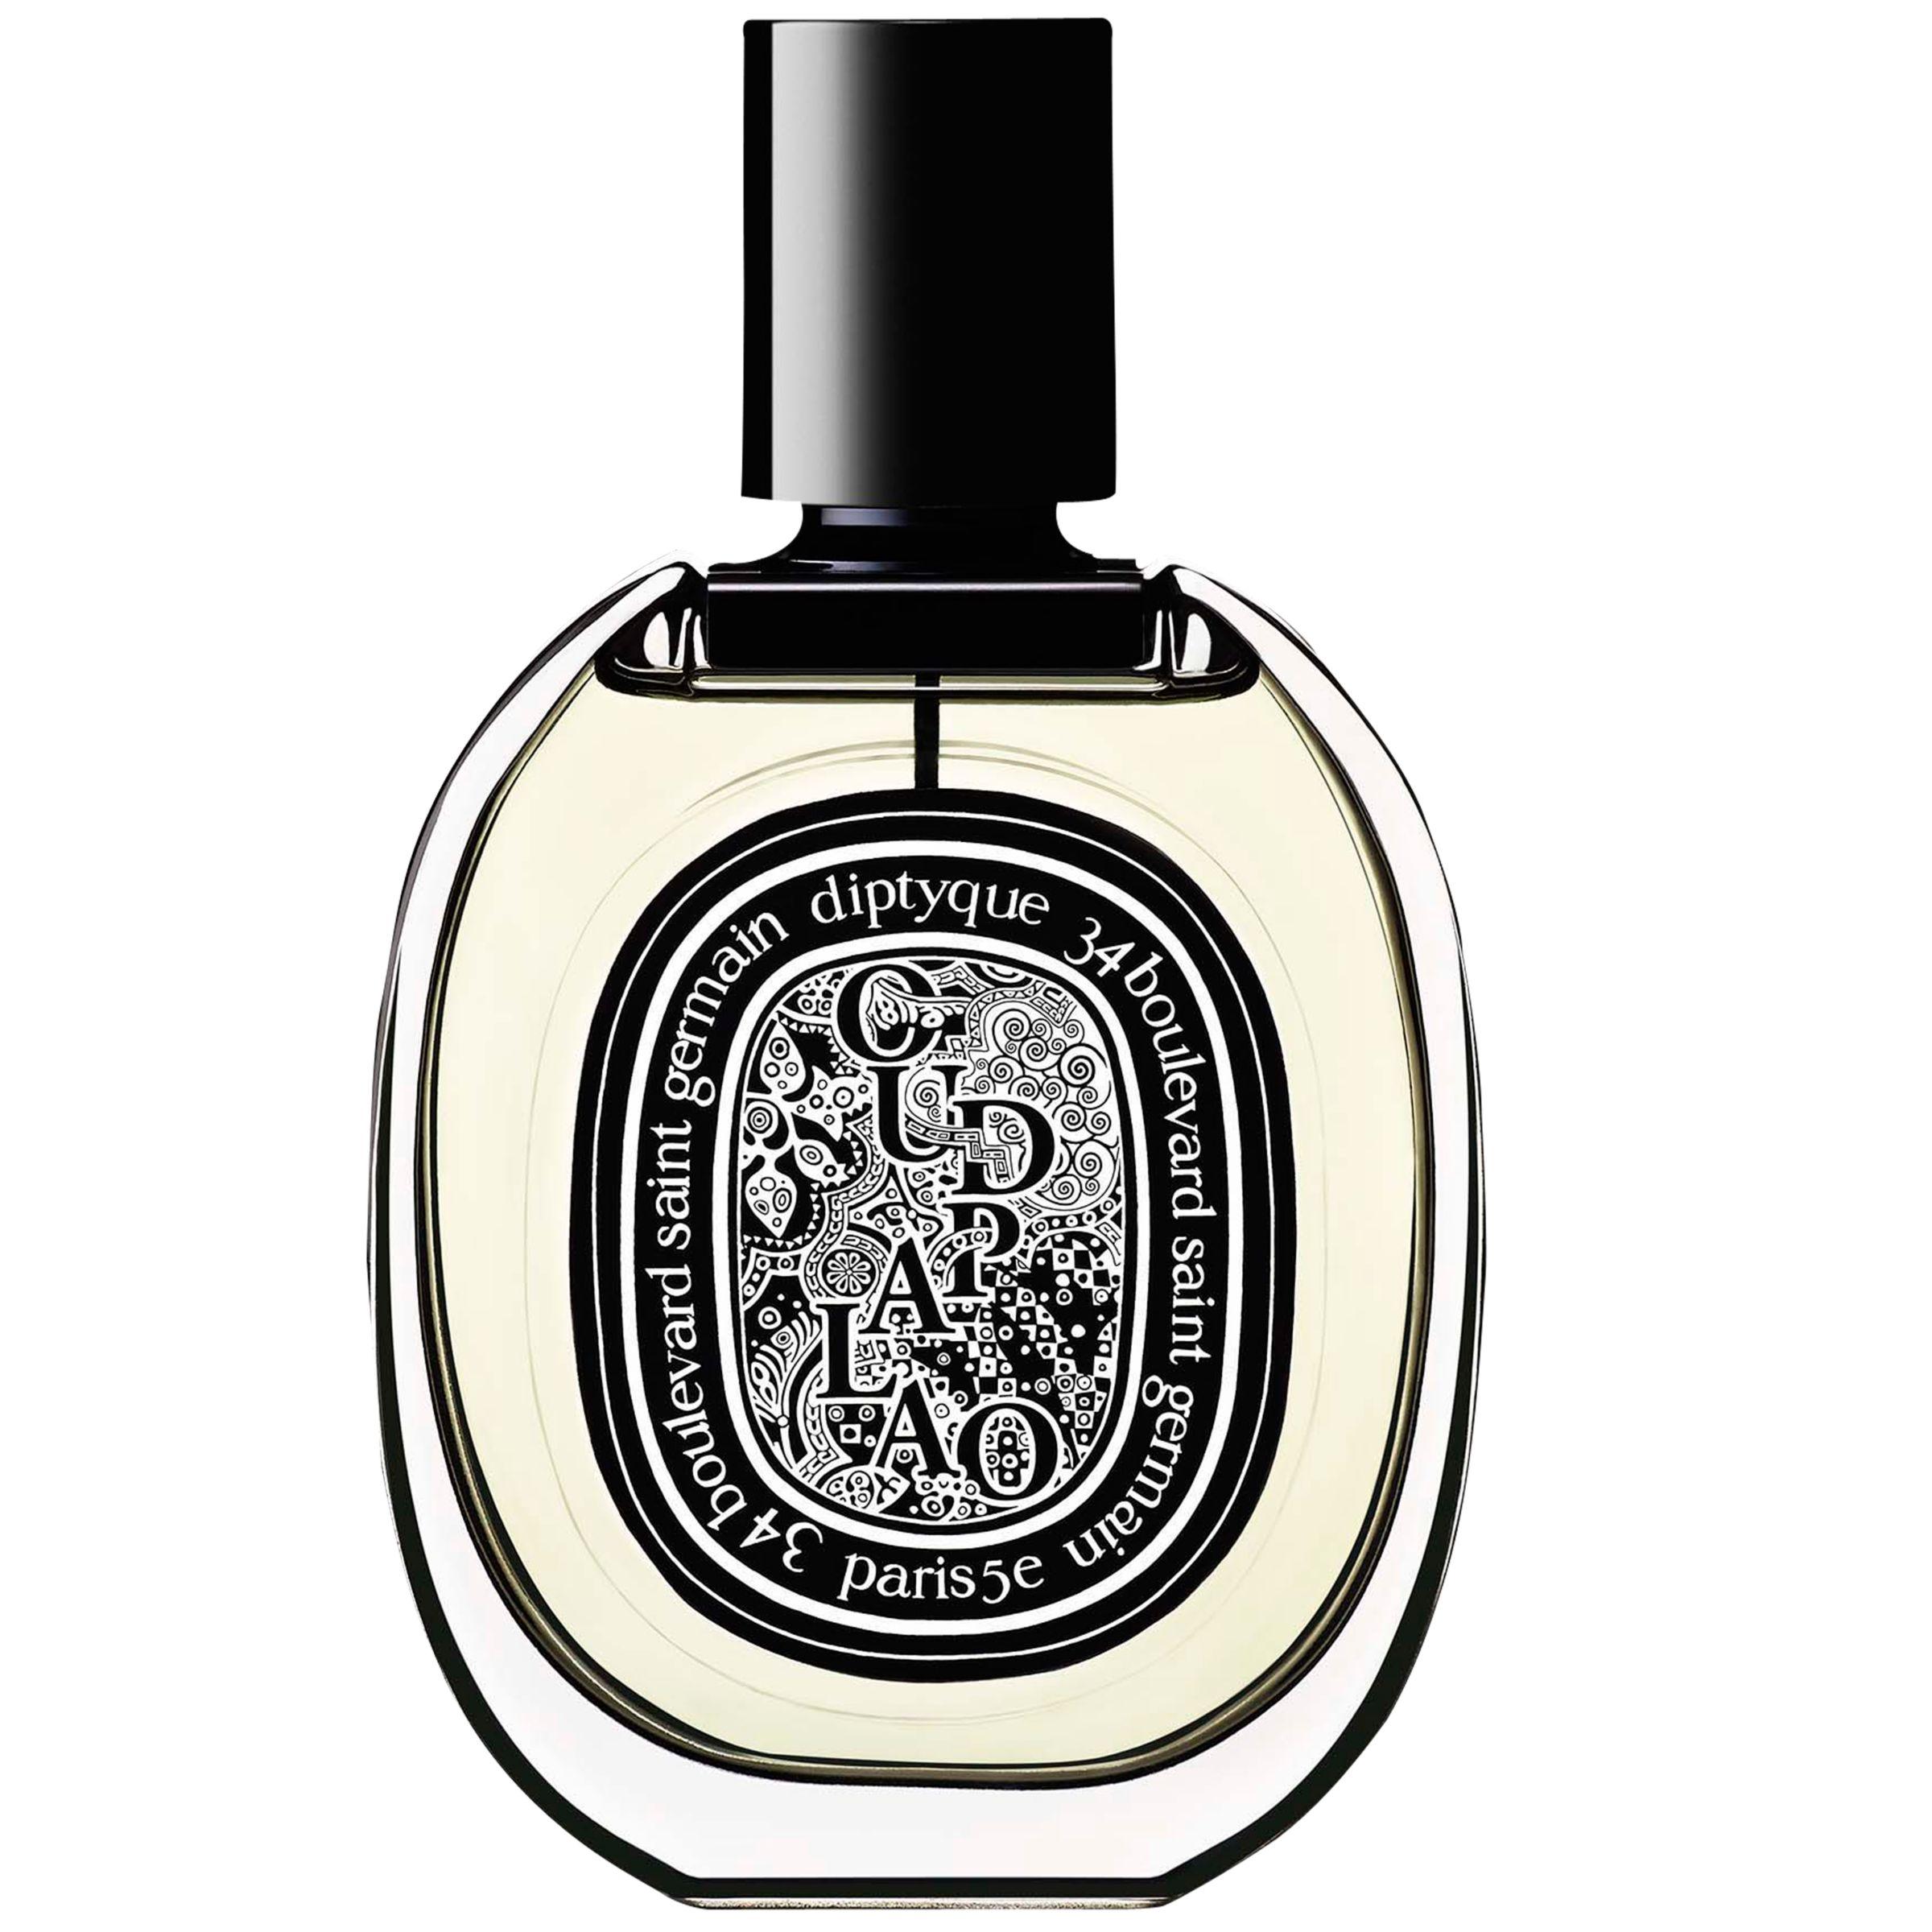 Diptyque Diptyque Oud Palao Eau de Parfum, 75ml